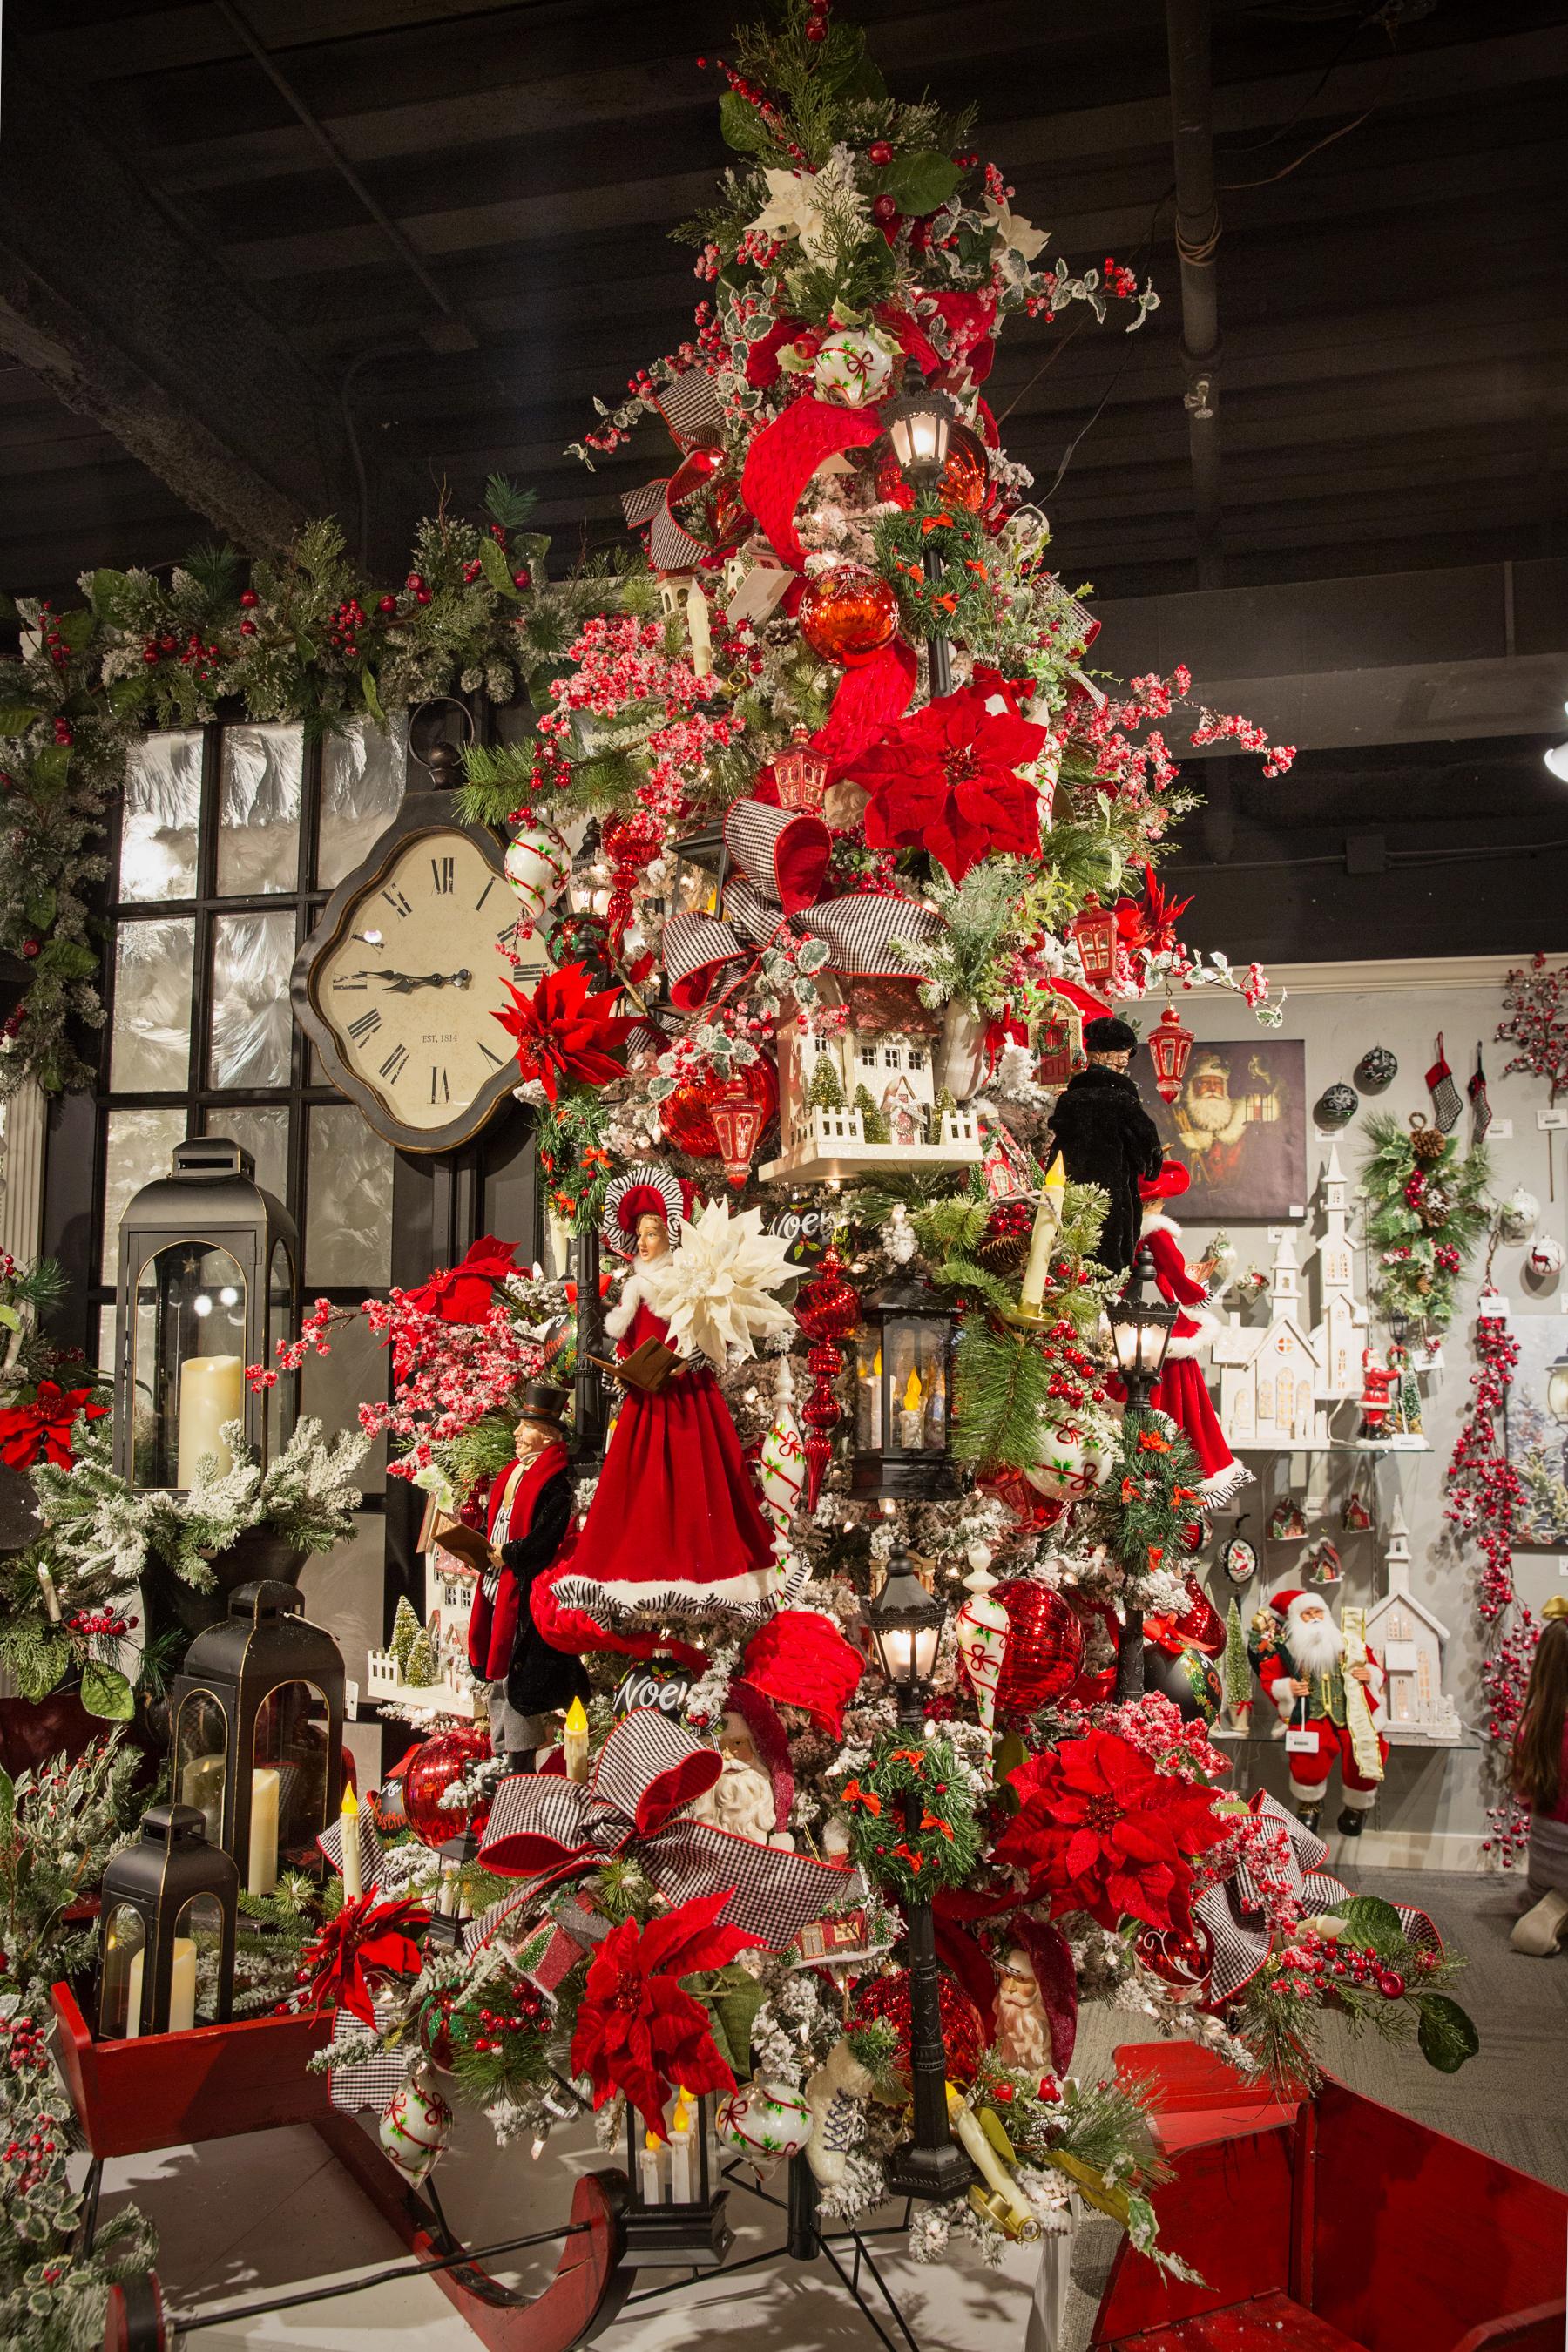 Decoracion de arbol de navidad decoracion de interiores - Decoracion arbol navidad ...